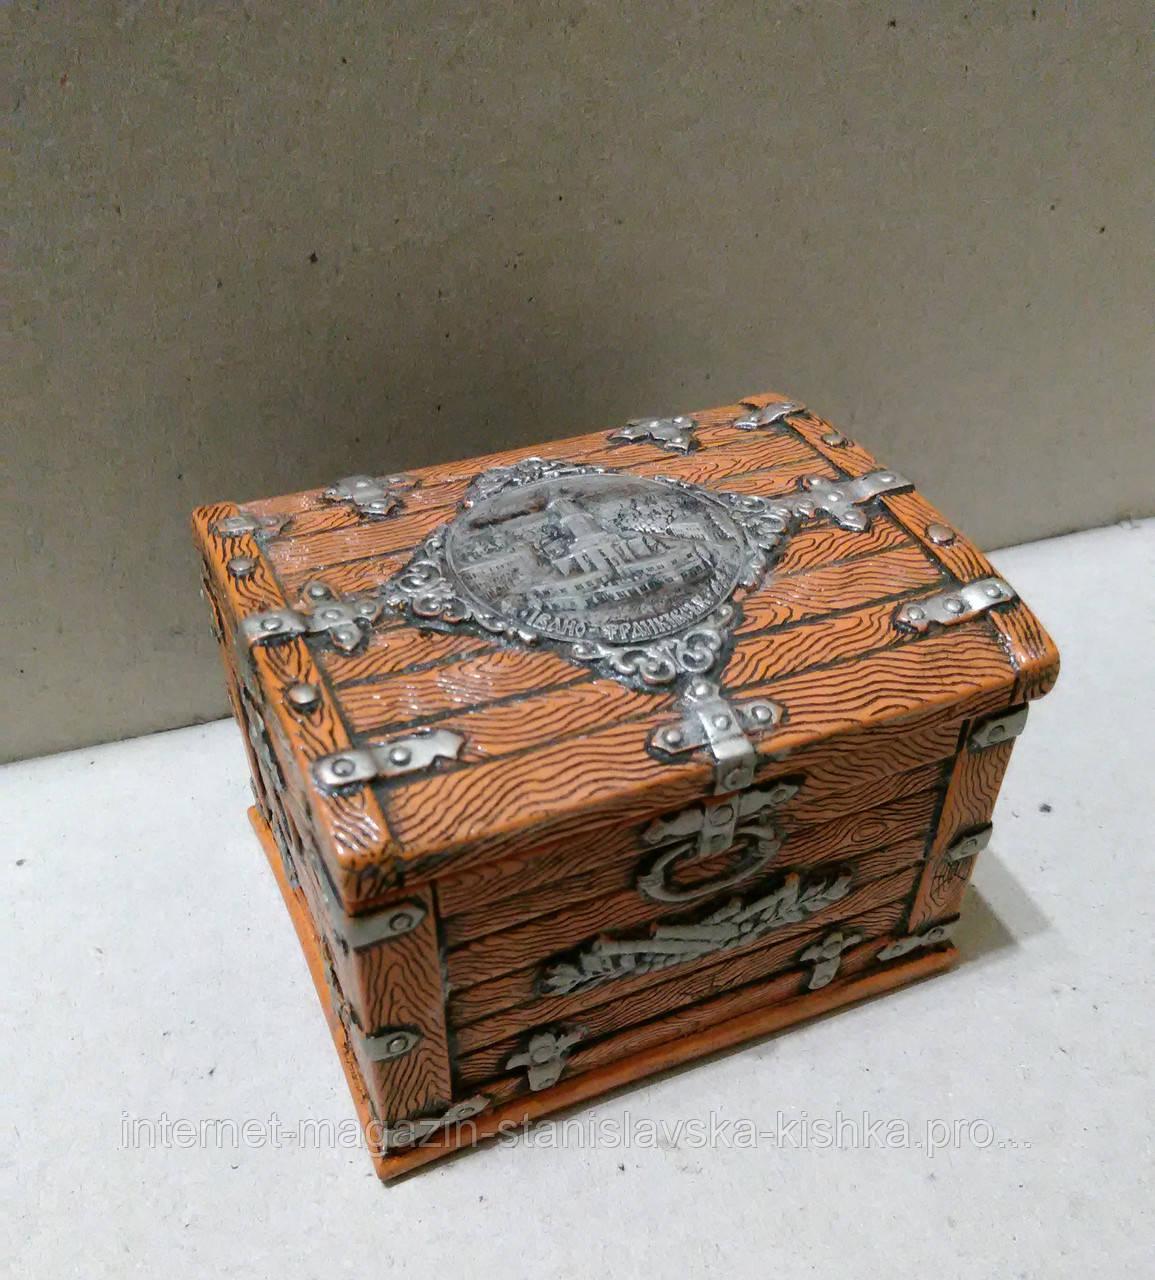 Шкатулка сувенірна СКРИНЯ-РАТУША рельєфний декор - розмір 8*6*10см